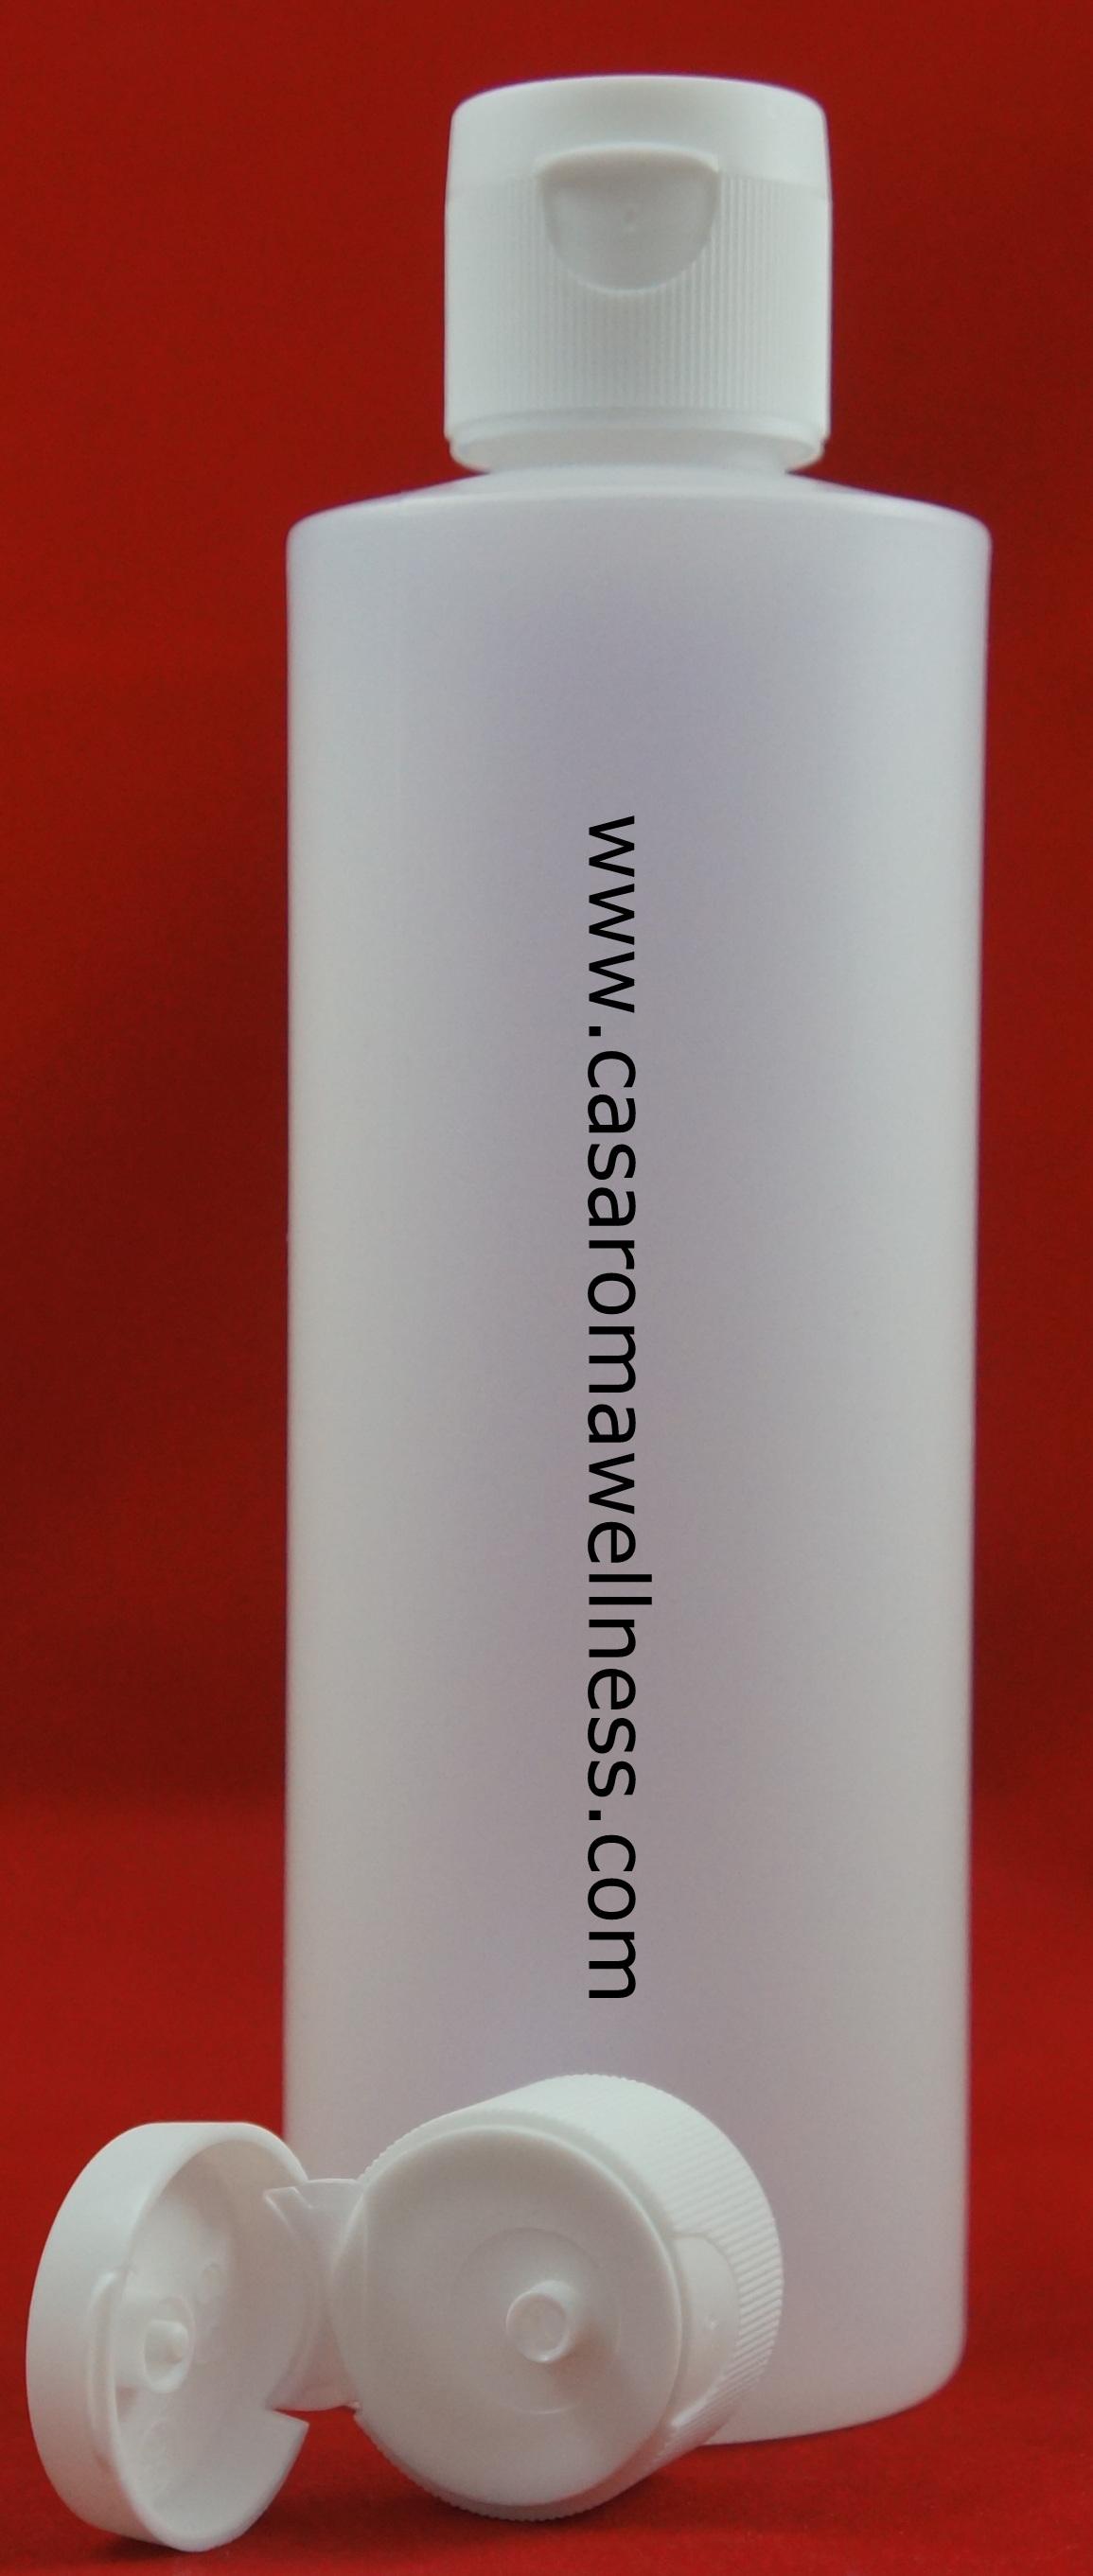 HDPE Bottle (plastic) with flip cap